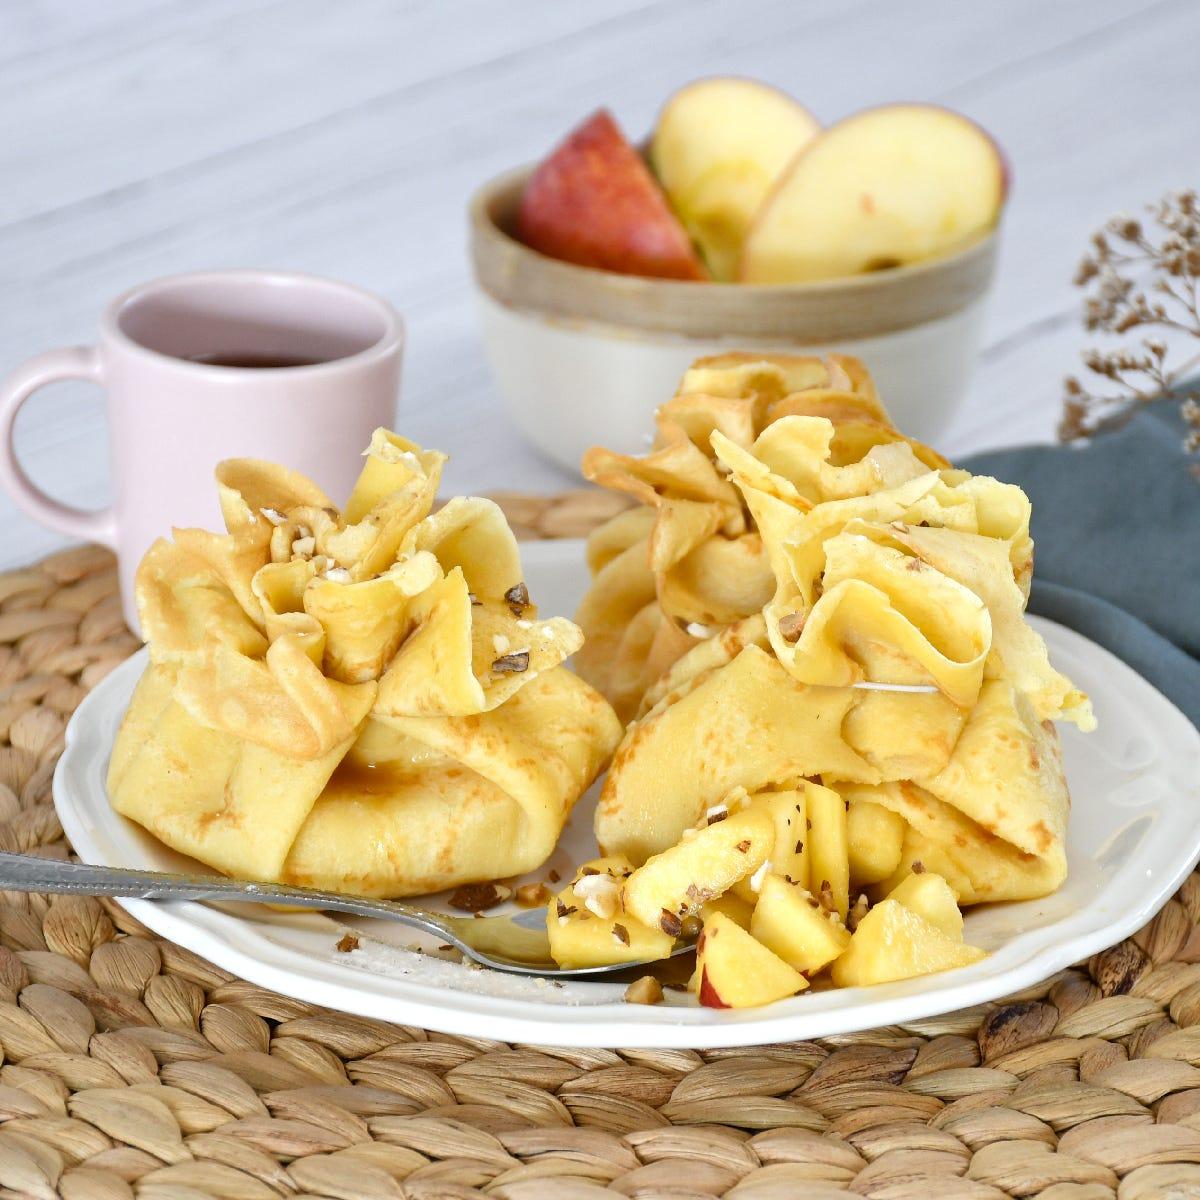 ¡Ponle magia a la merienda con esta original receta de saquitos de crepes de manzana y caramelo!